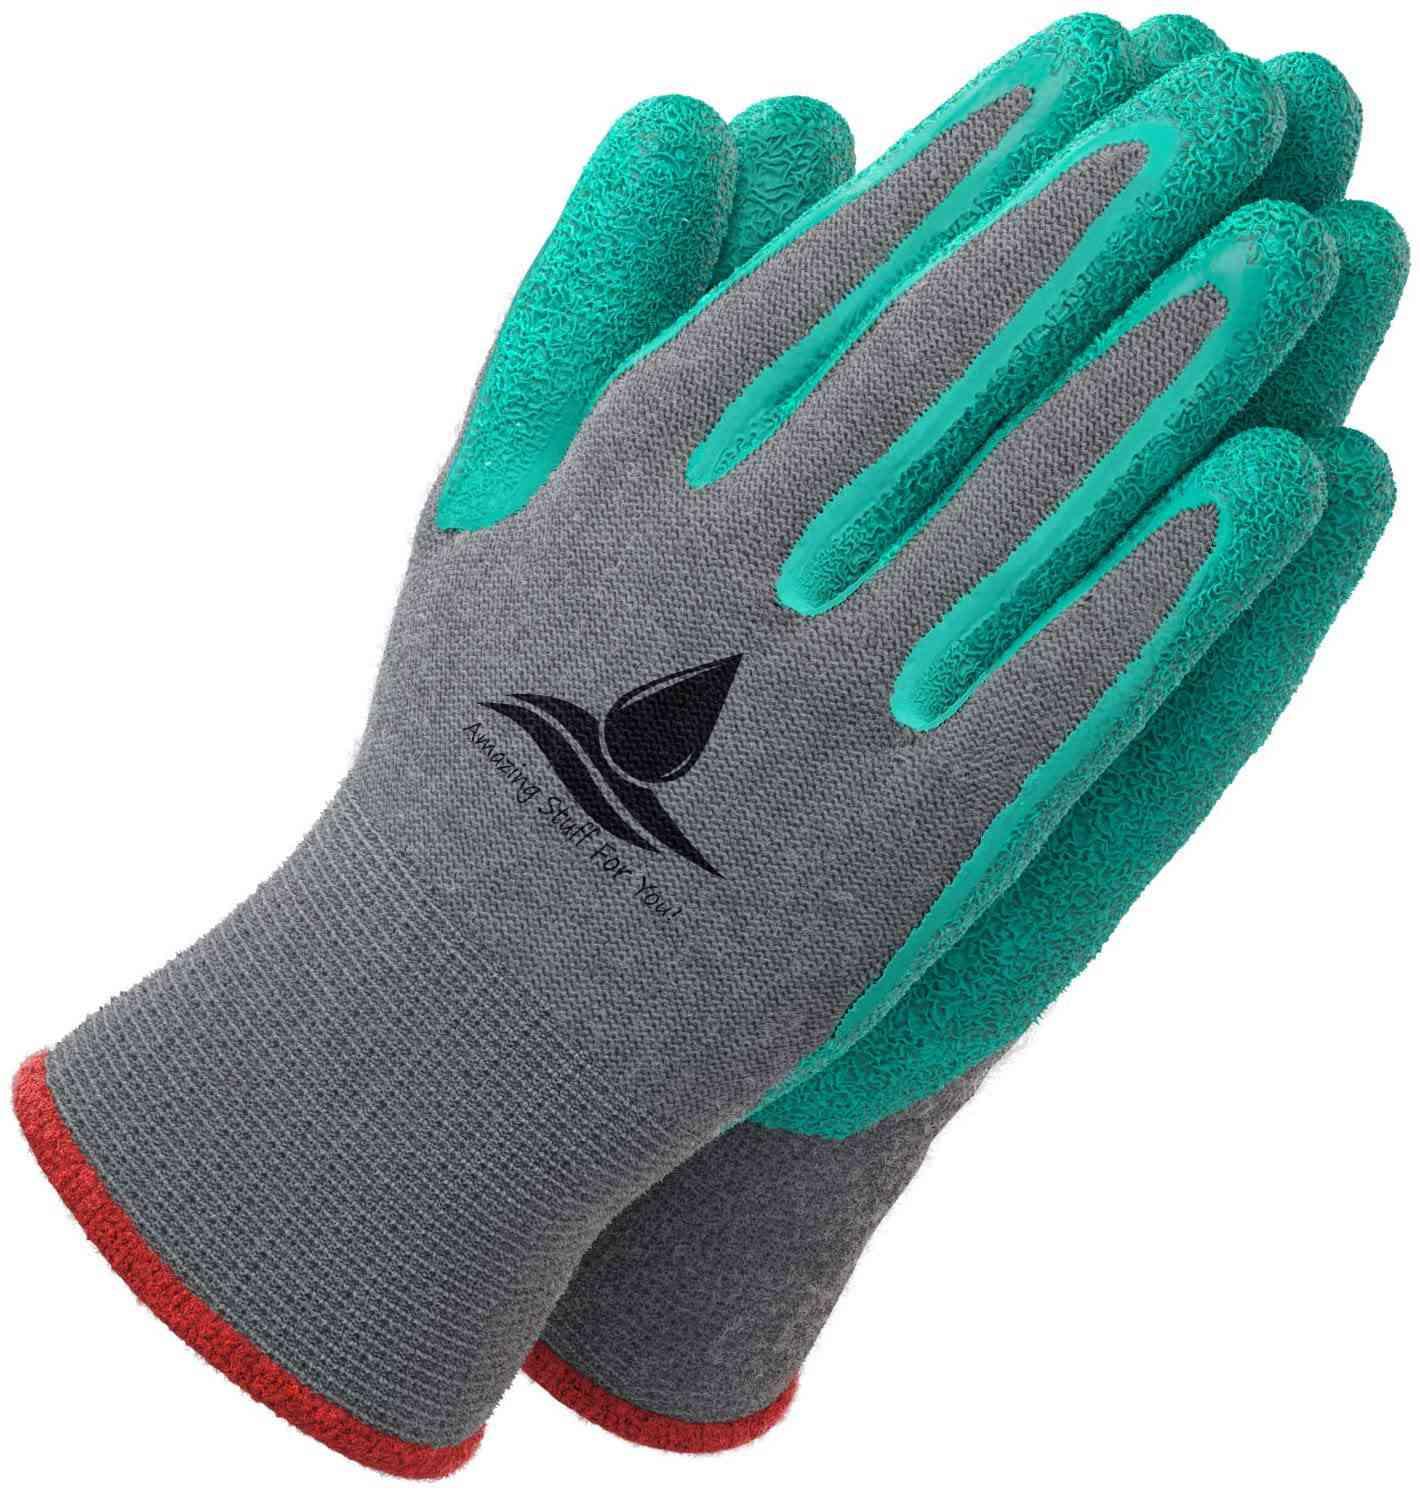 Garden Gloves for Women and Men